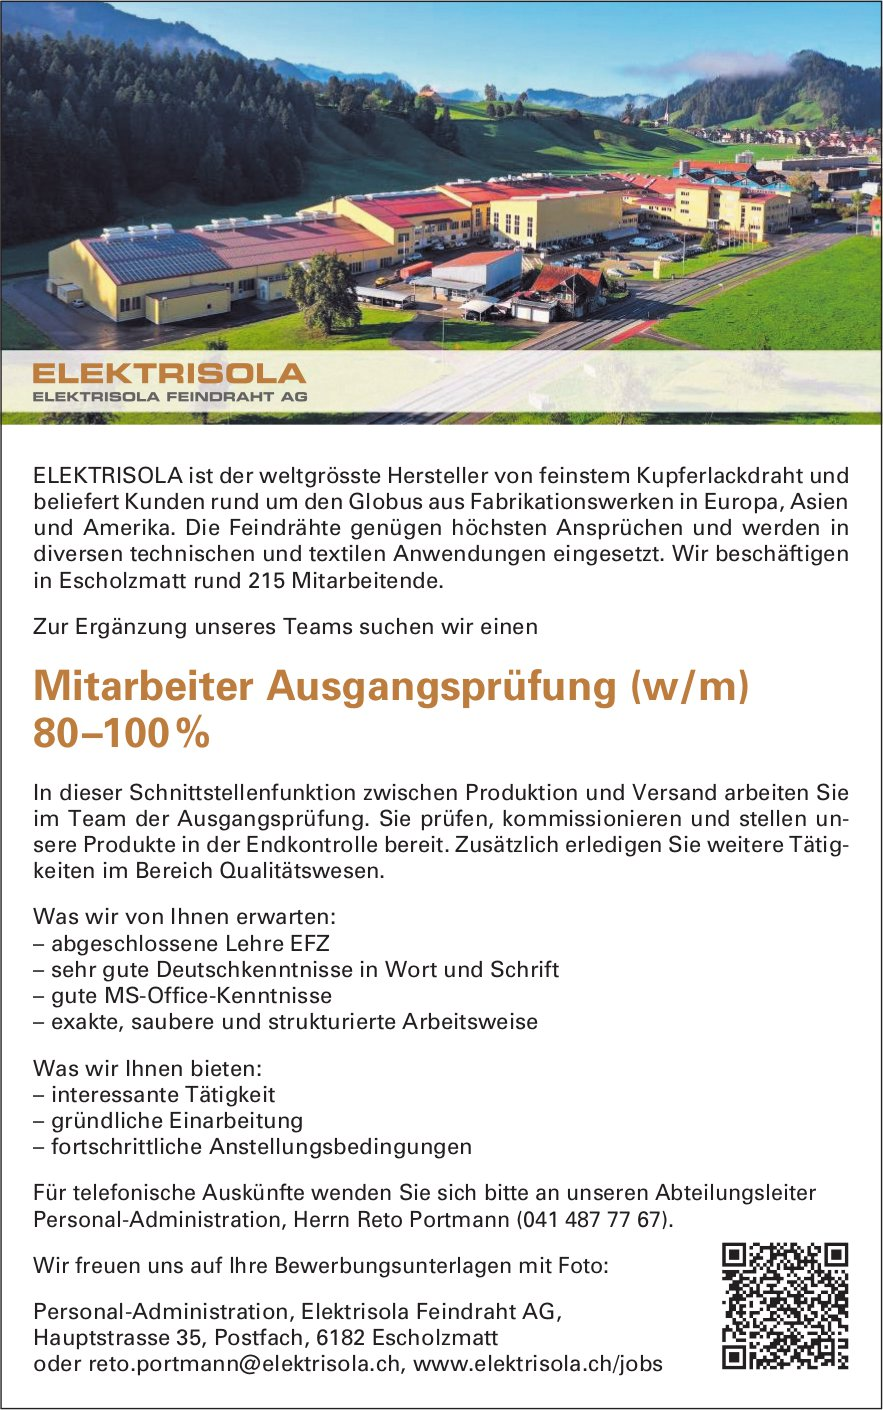 Mitarbeiter Ausgangsprüfung (w/m) 80–100%, Elektrisola Feindraht AG, Escholzmatt, gesucht